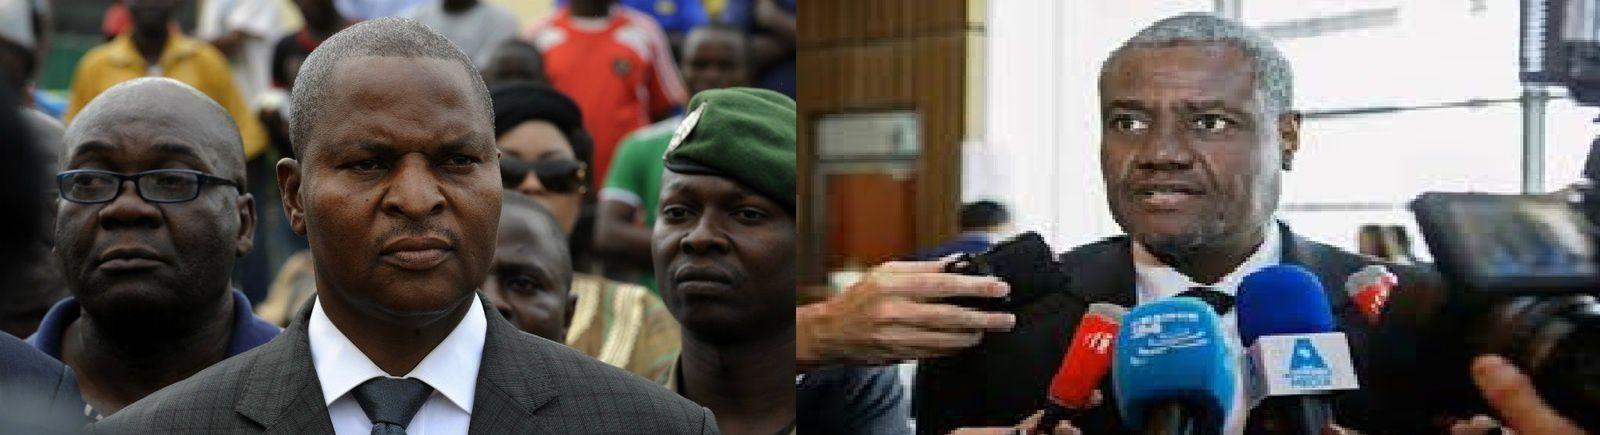 Violent clash entre Moussa Faki Mahamat et Faustin Touadera.